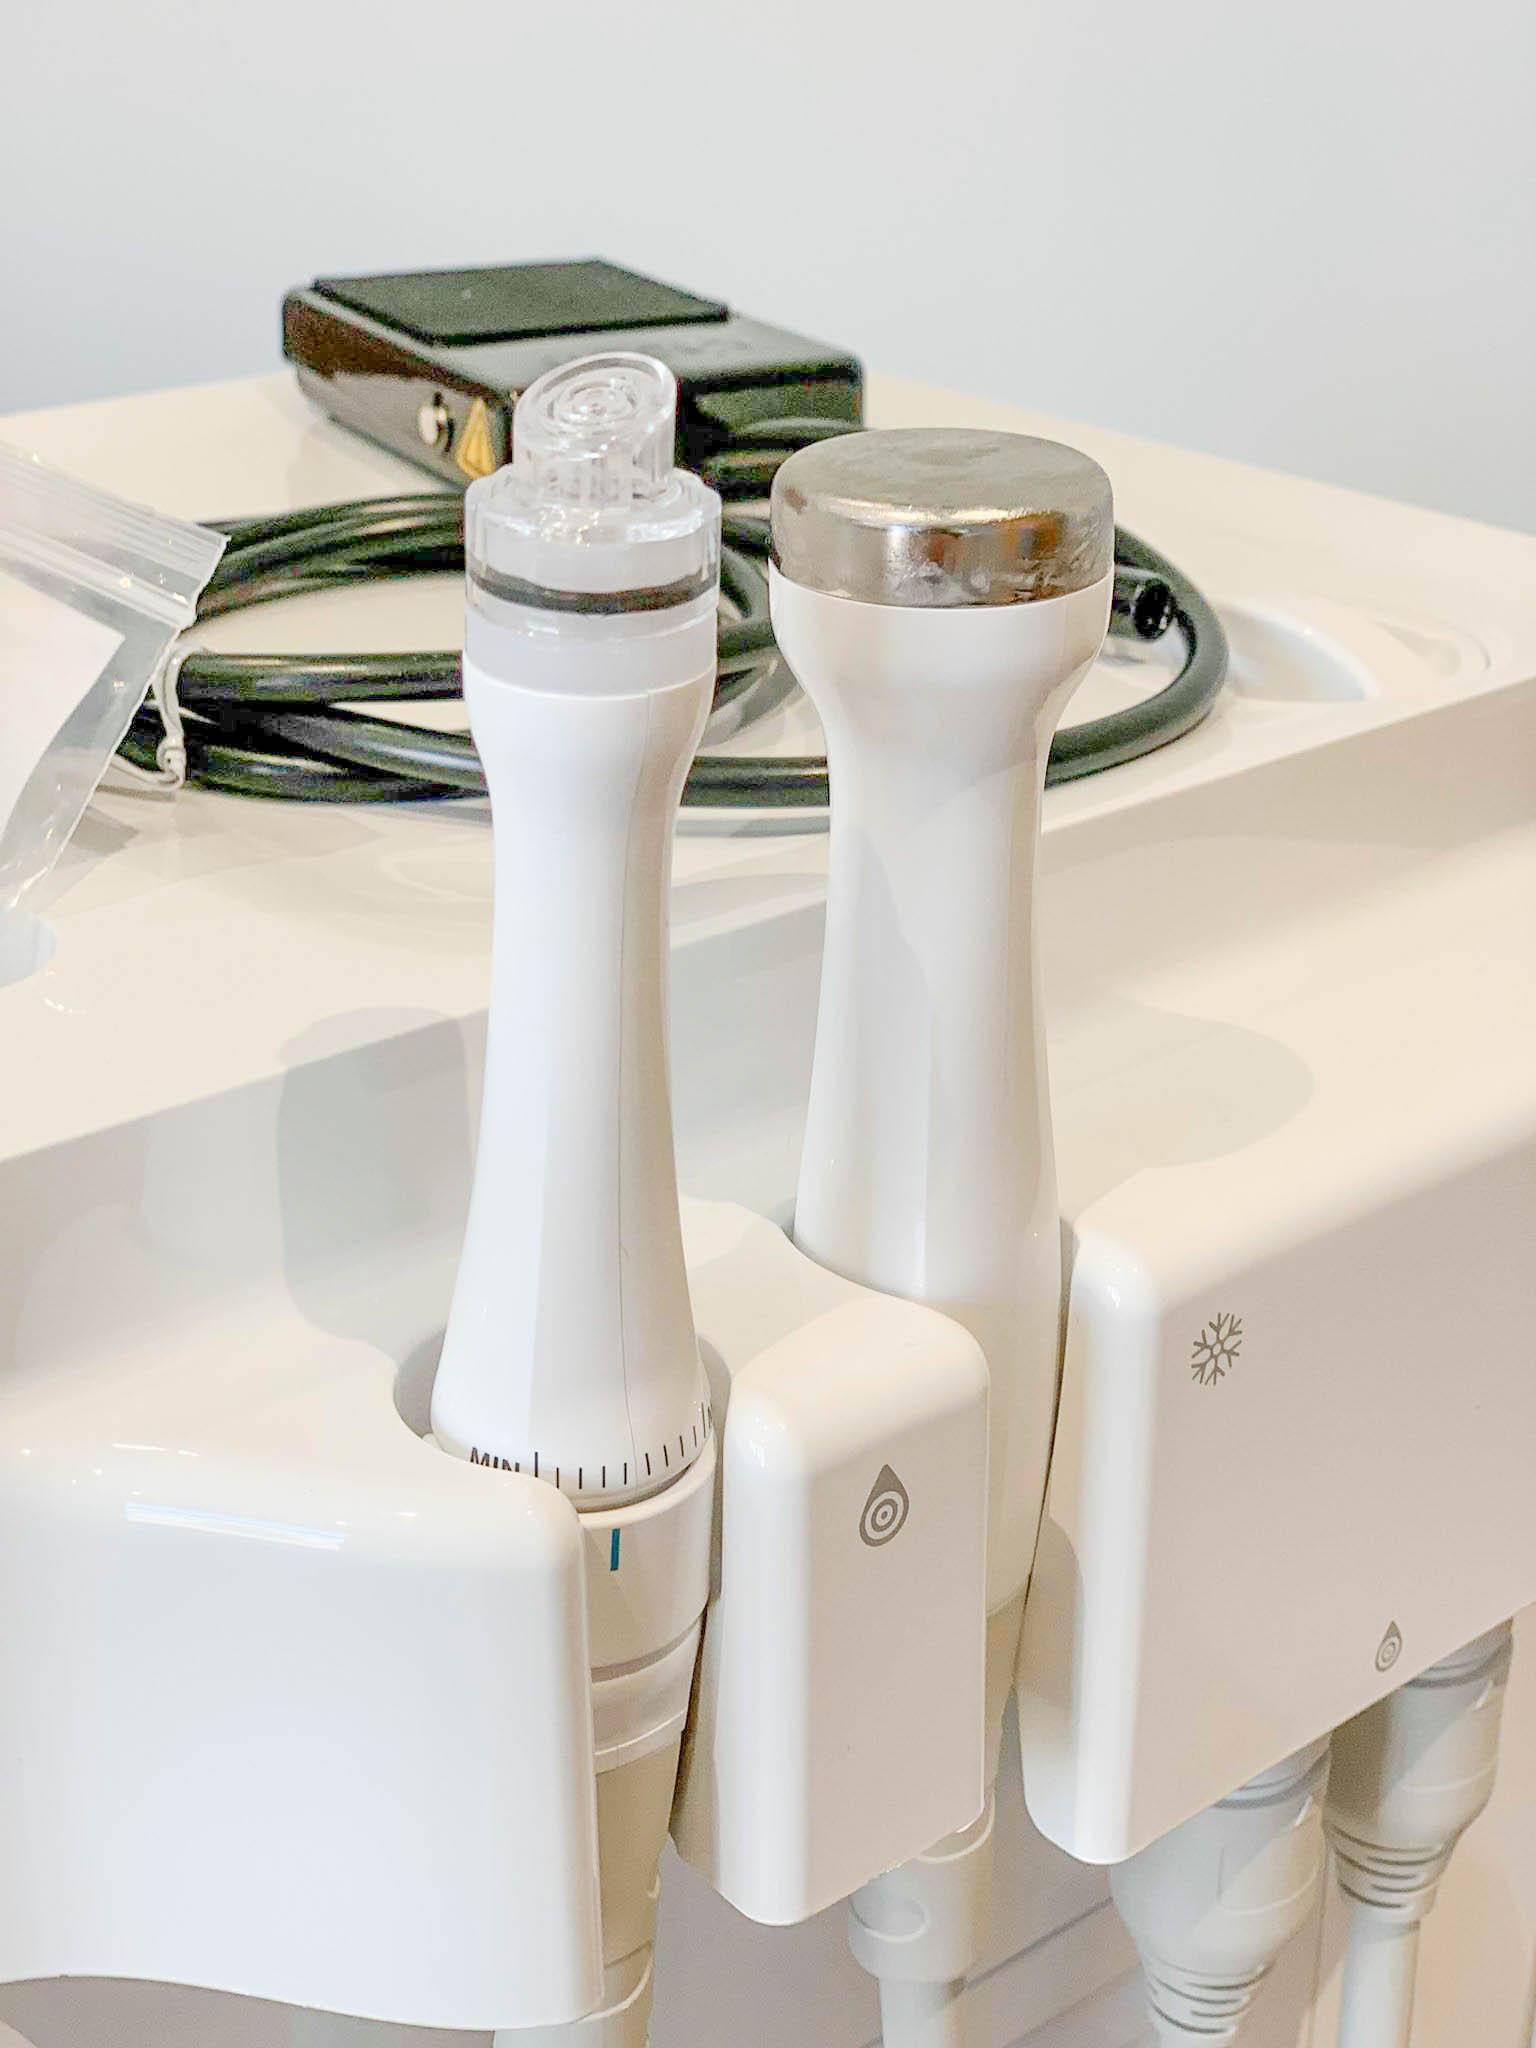 Aquafacial by Aquapure at Venn Healthcare